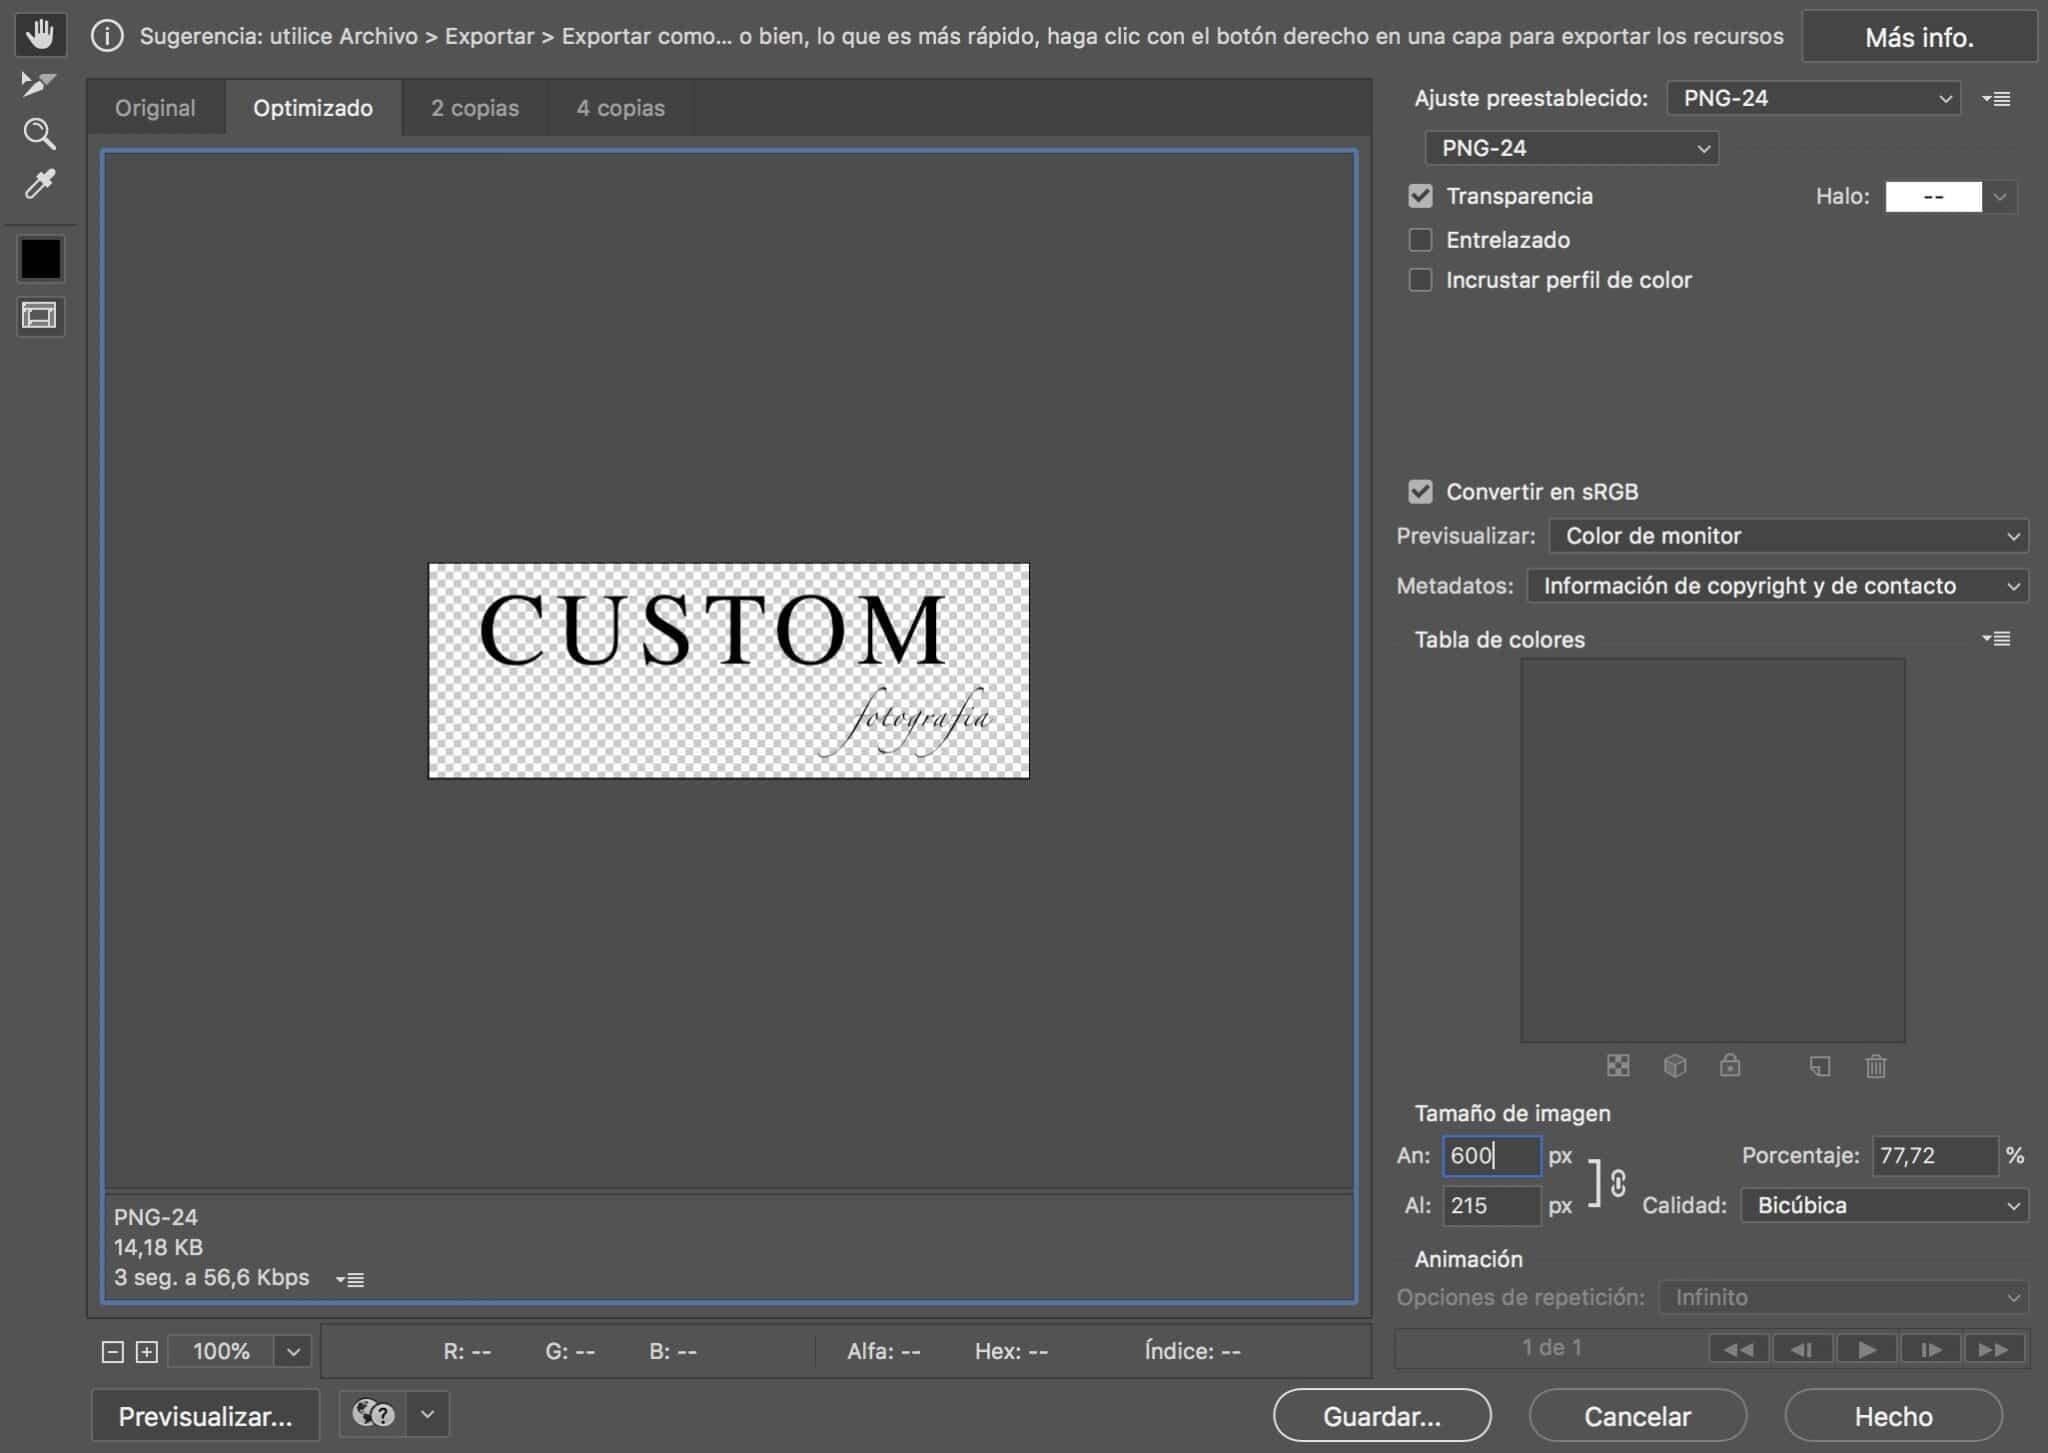 Exportando un fichero de imagen PNG de fondo transparente